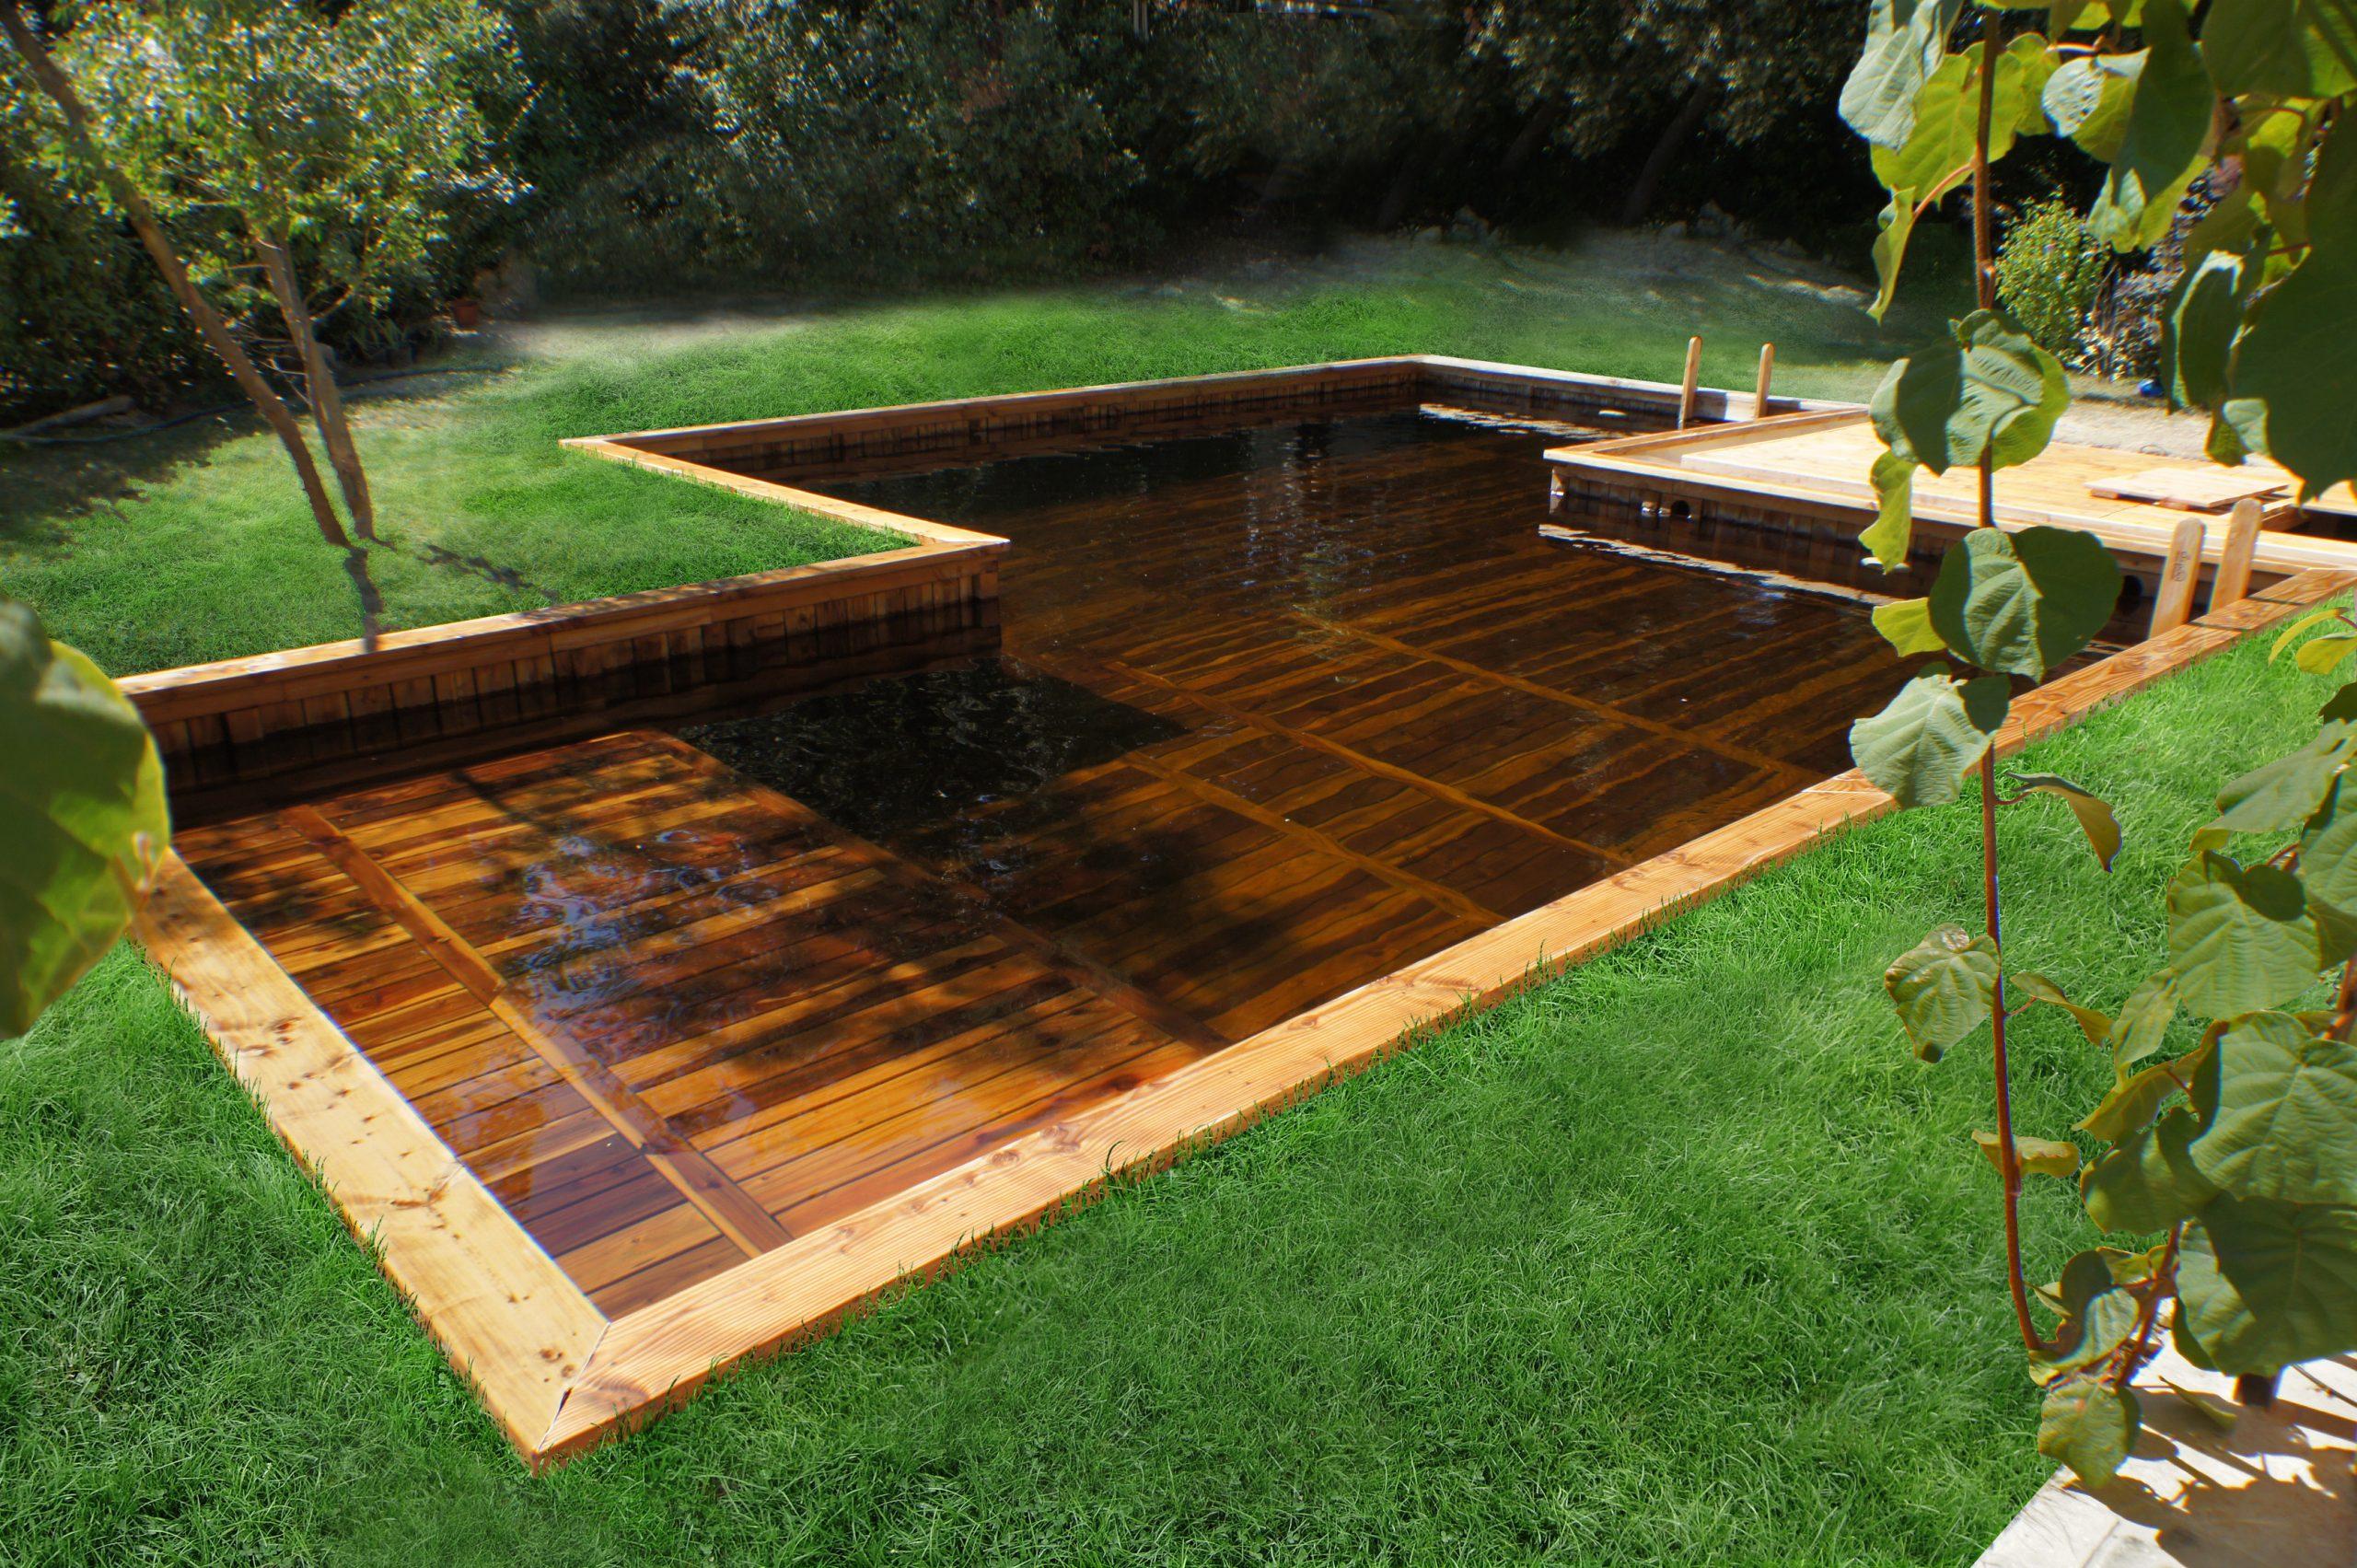 Constructeur De Piscine Naturelle Design Bois Filtration ... tout Piscine Caoutchouc Avis